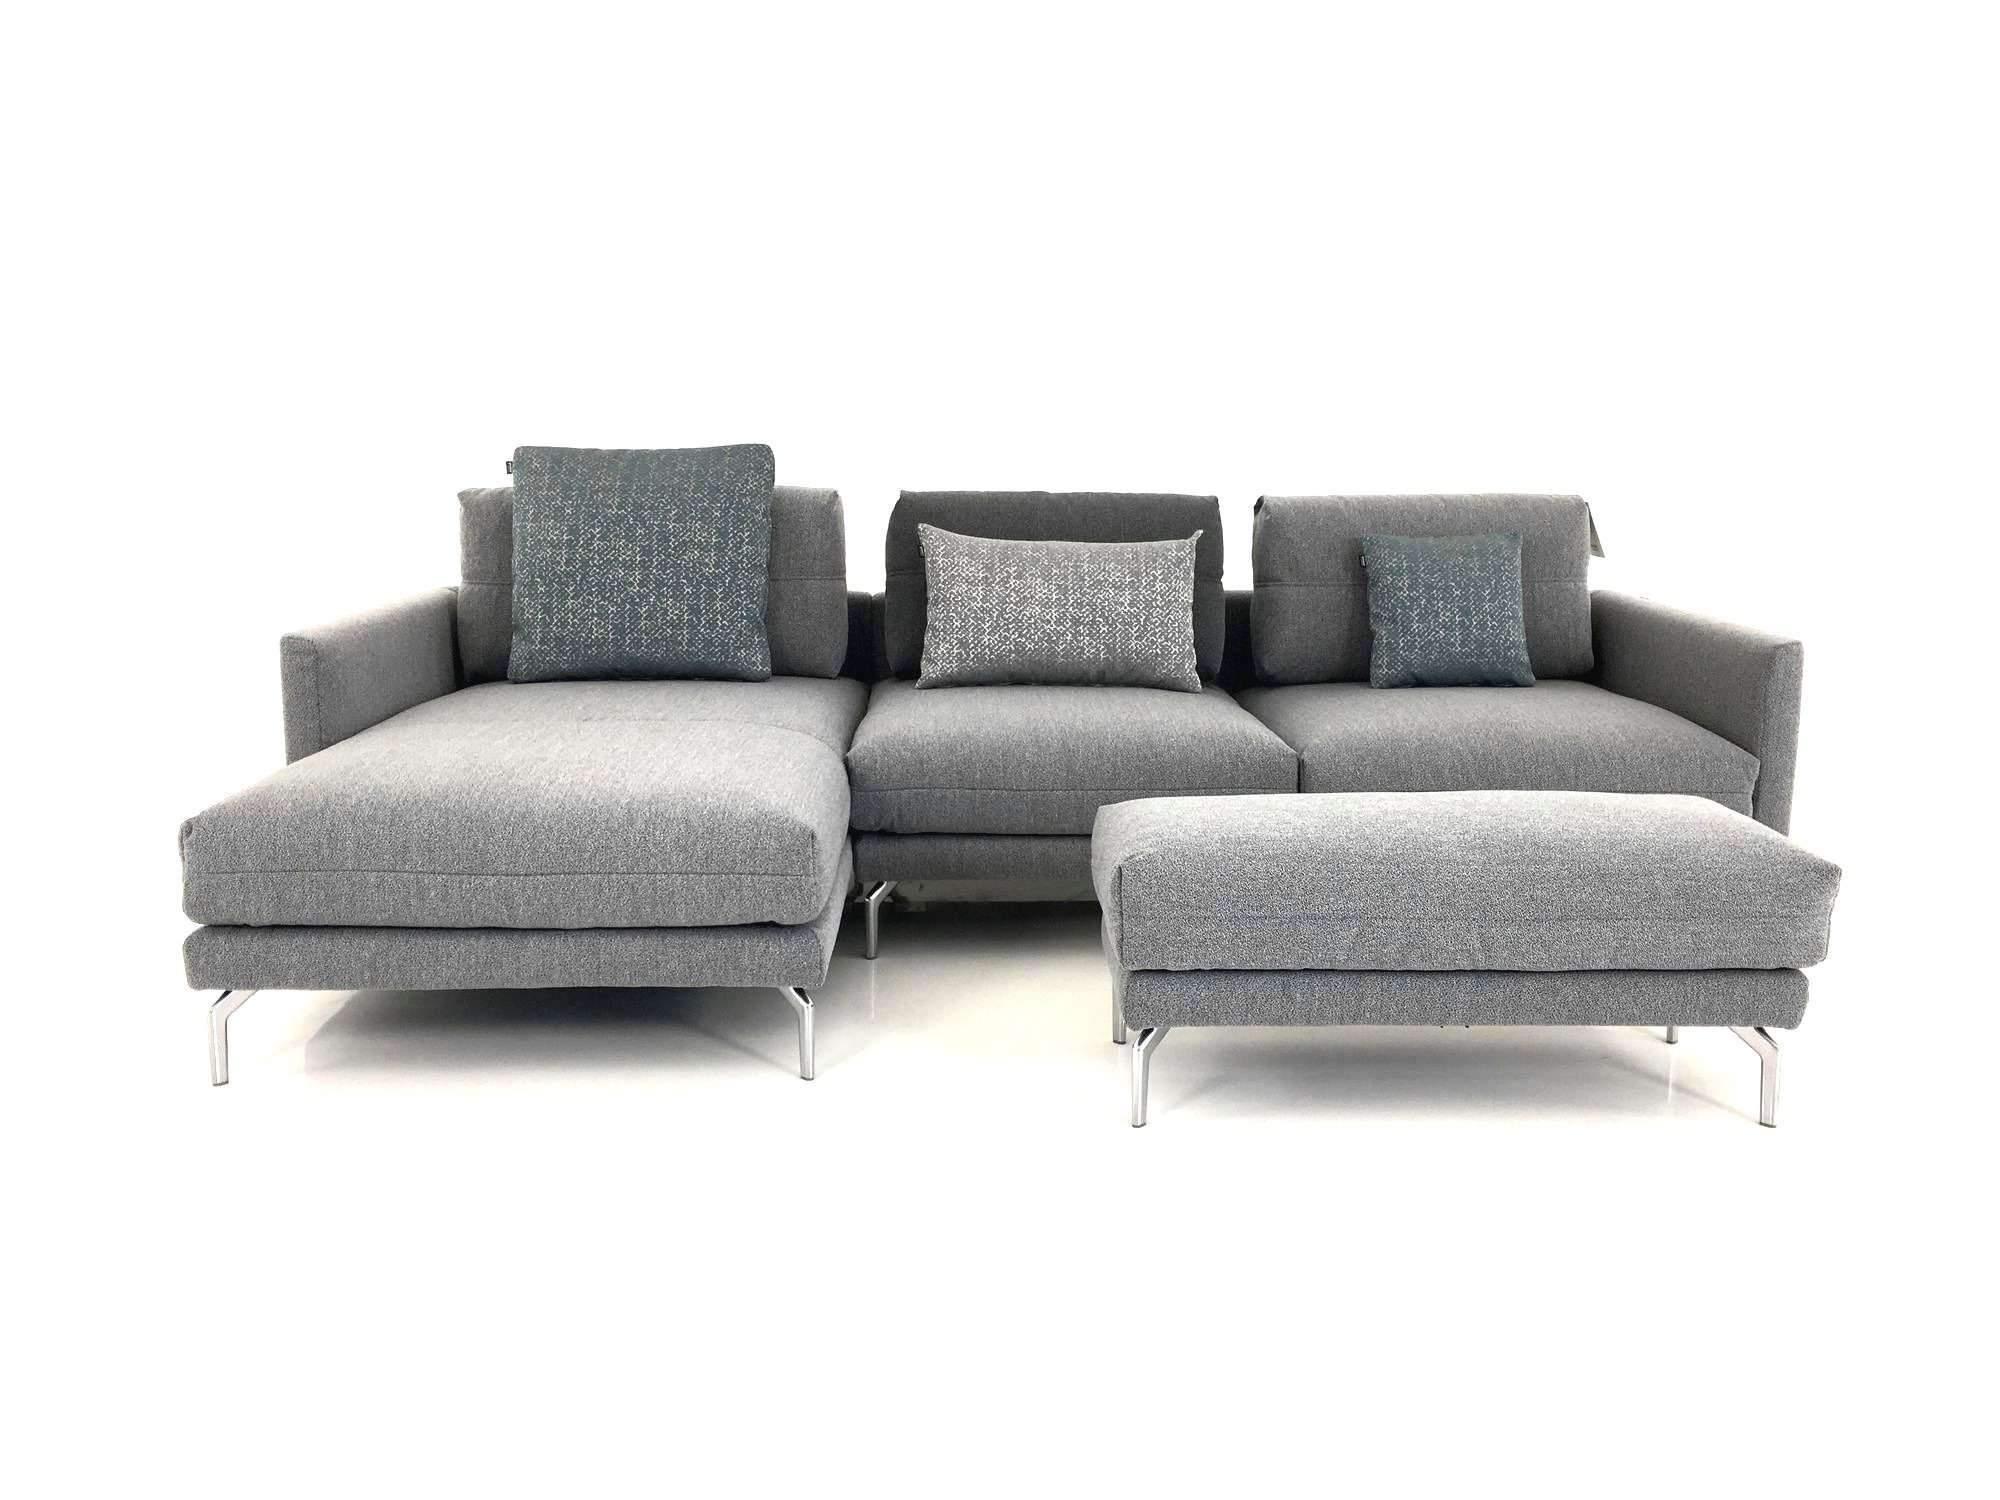 wohnzimmer sofa genial wohnzimmer landhausstil ikea reizend garten landhausstil of wohnzimmer sofa